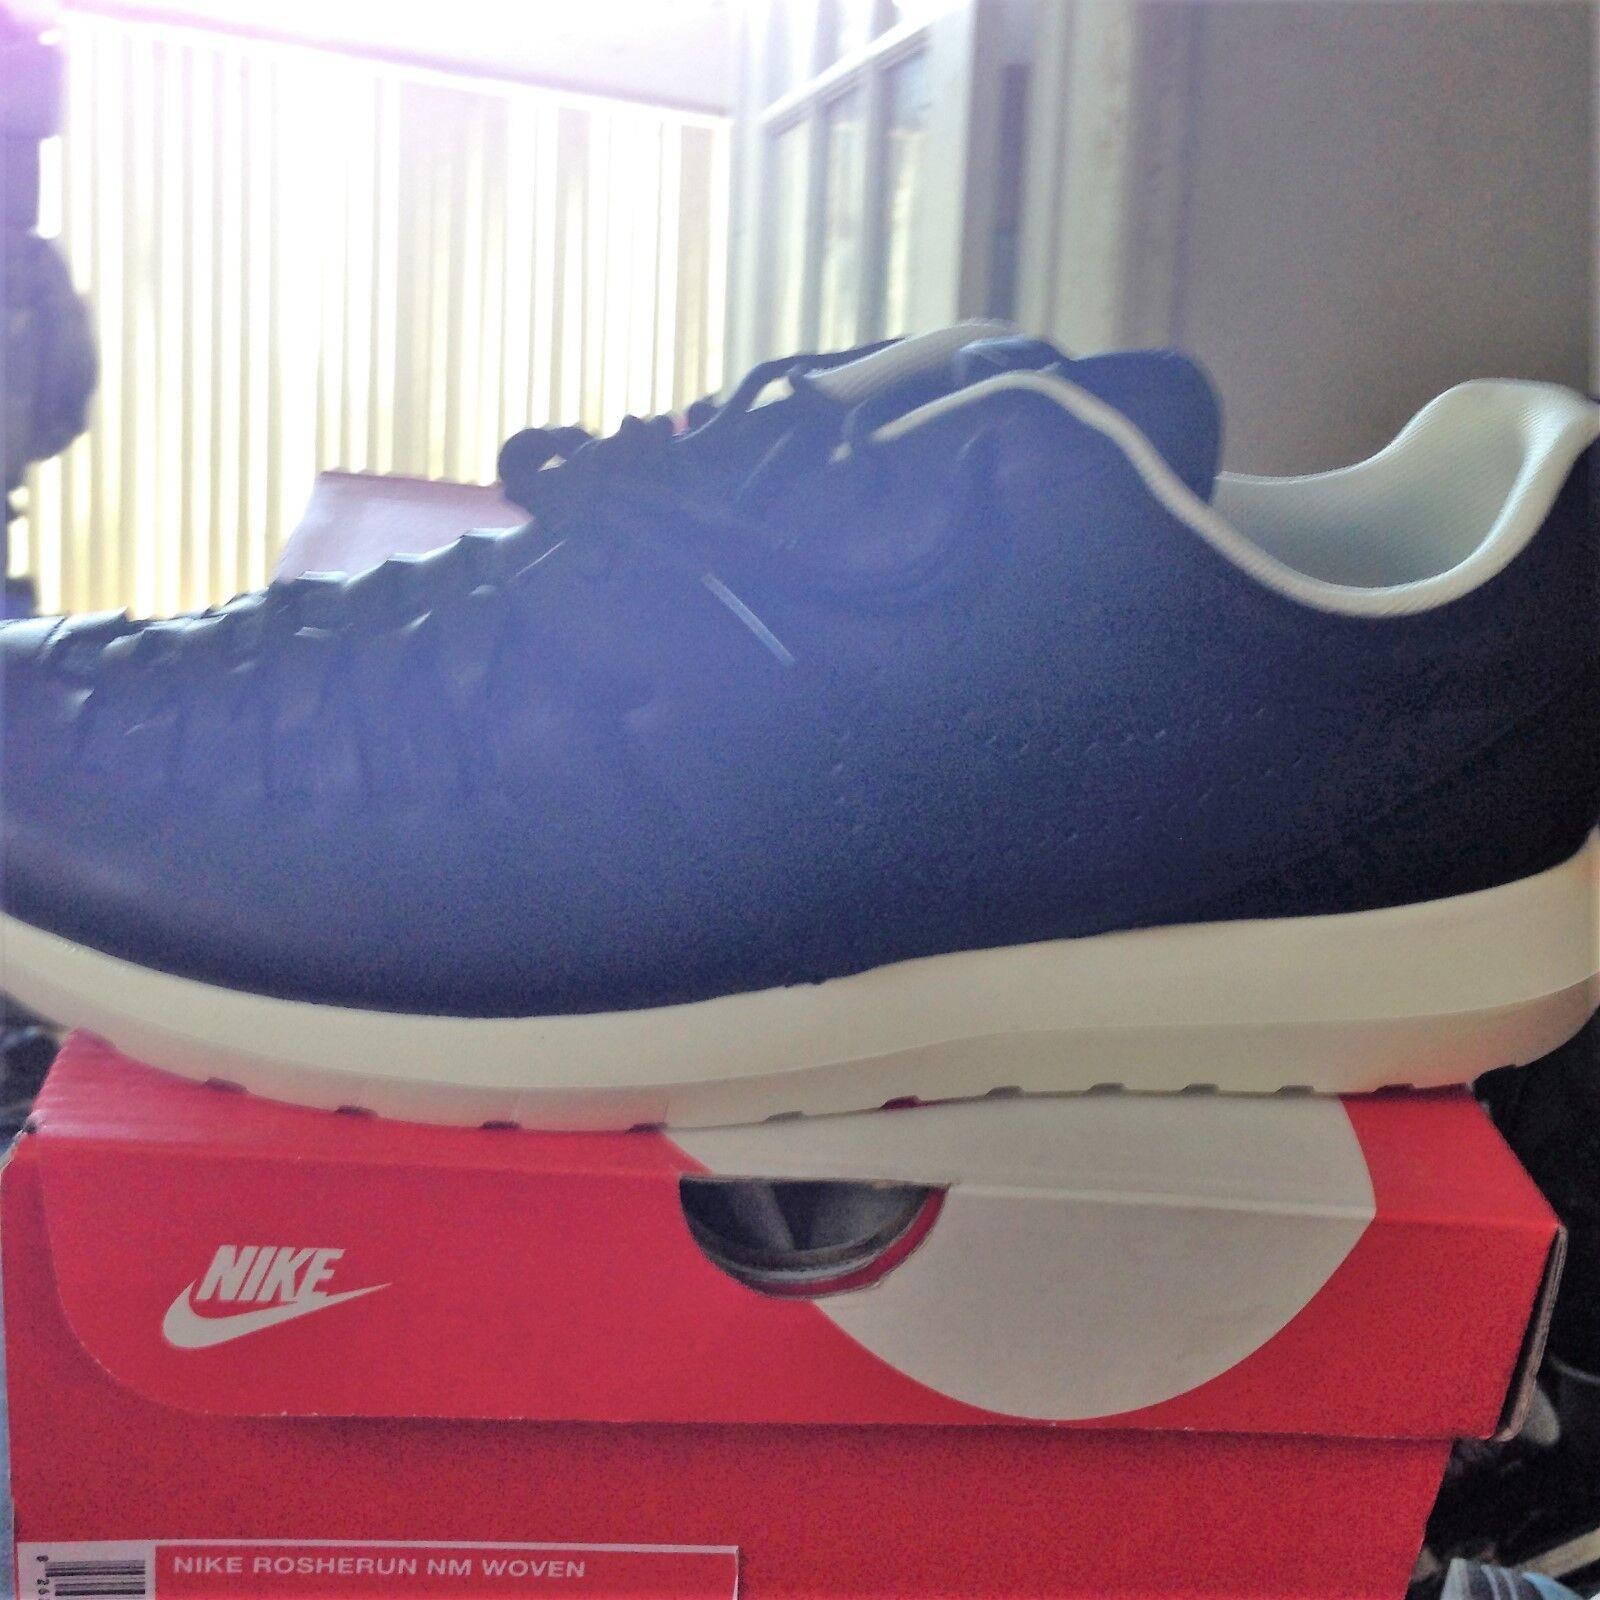 Nike rosherun nm, tessuti, bnib bnib bnib 44 blk / blk / vela scorte morte 94ee6a